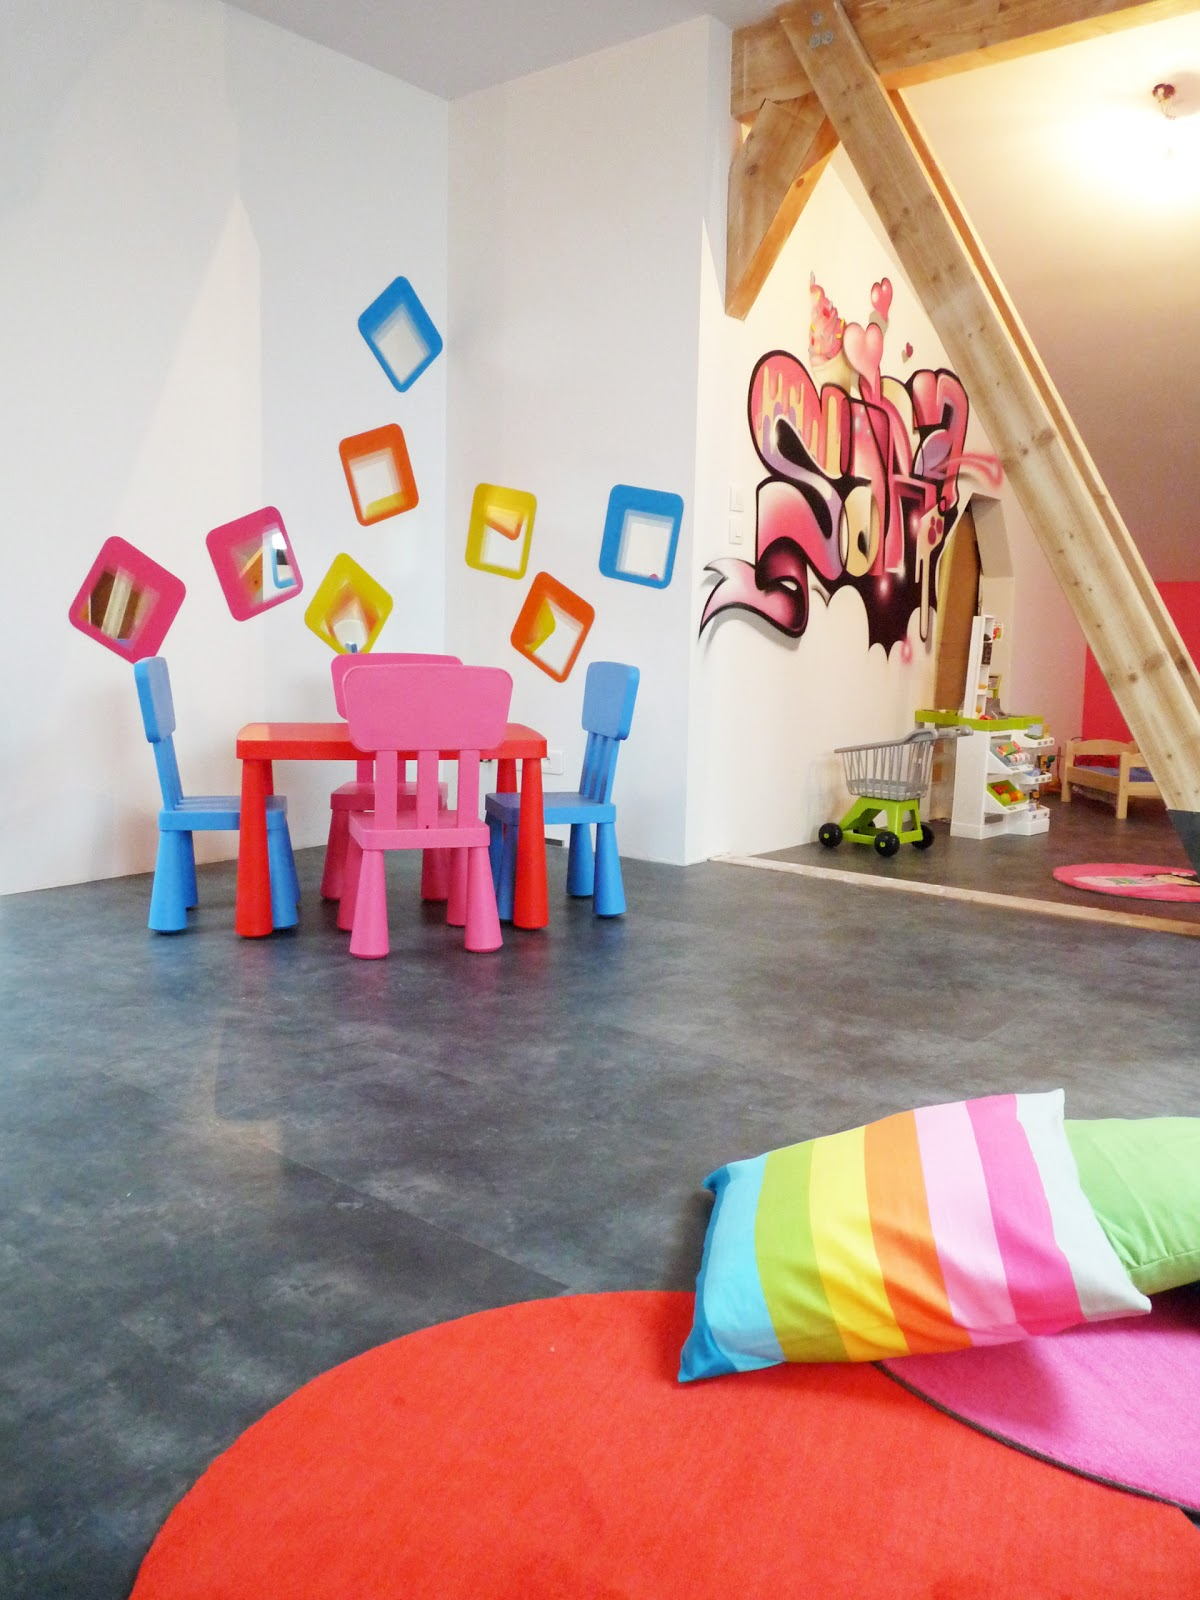 Décor Salle De Jeux gimus: décoration intérieur / salle de jeux